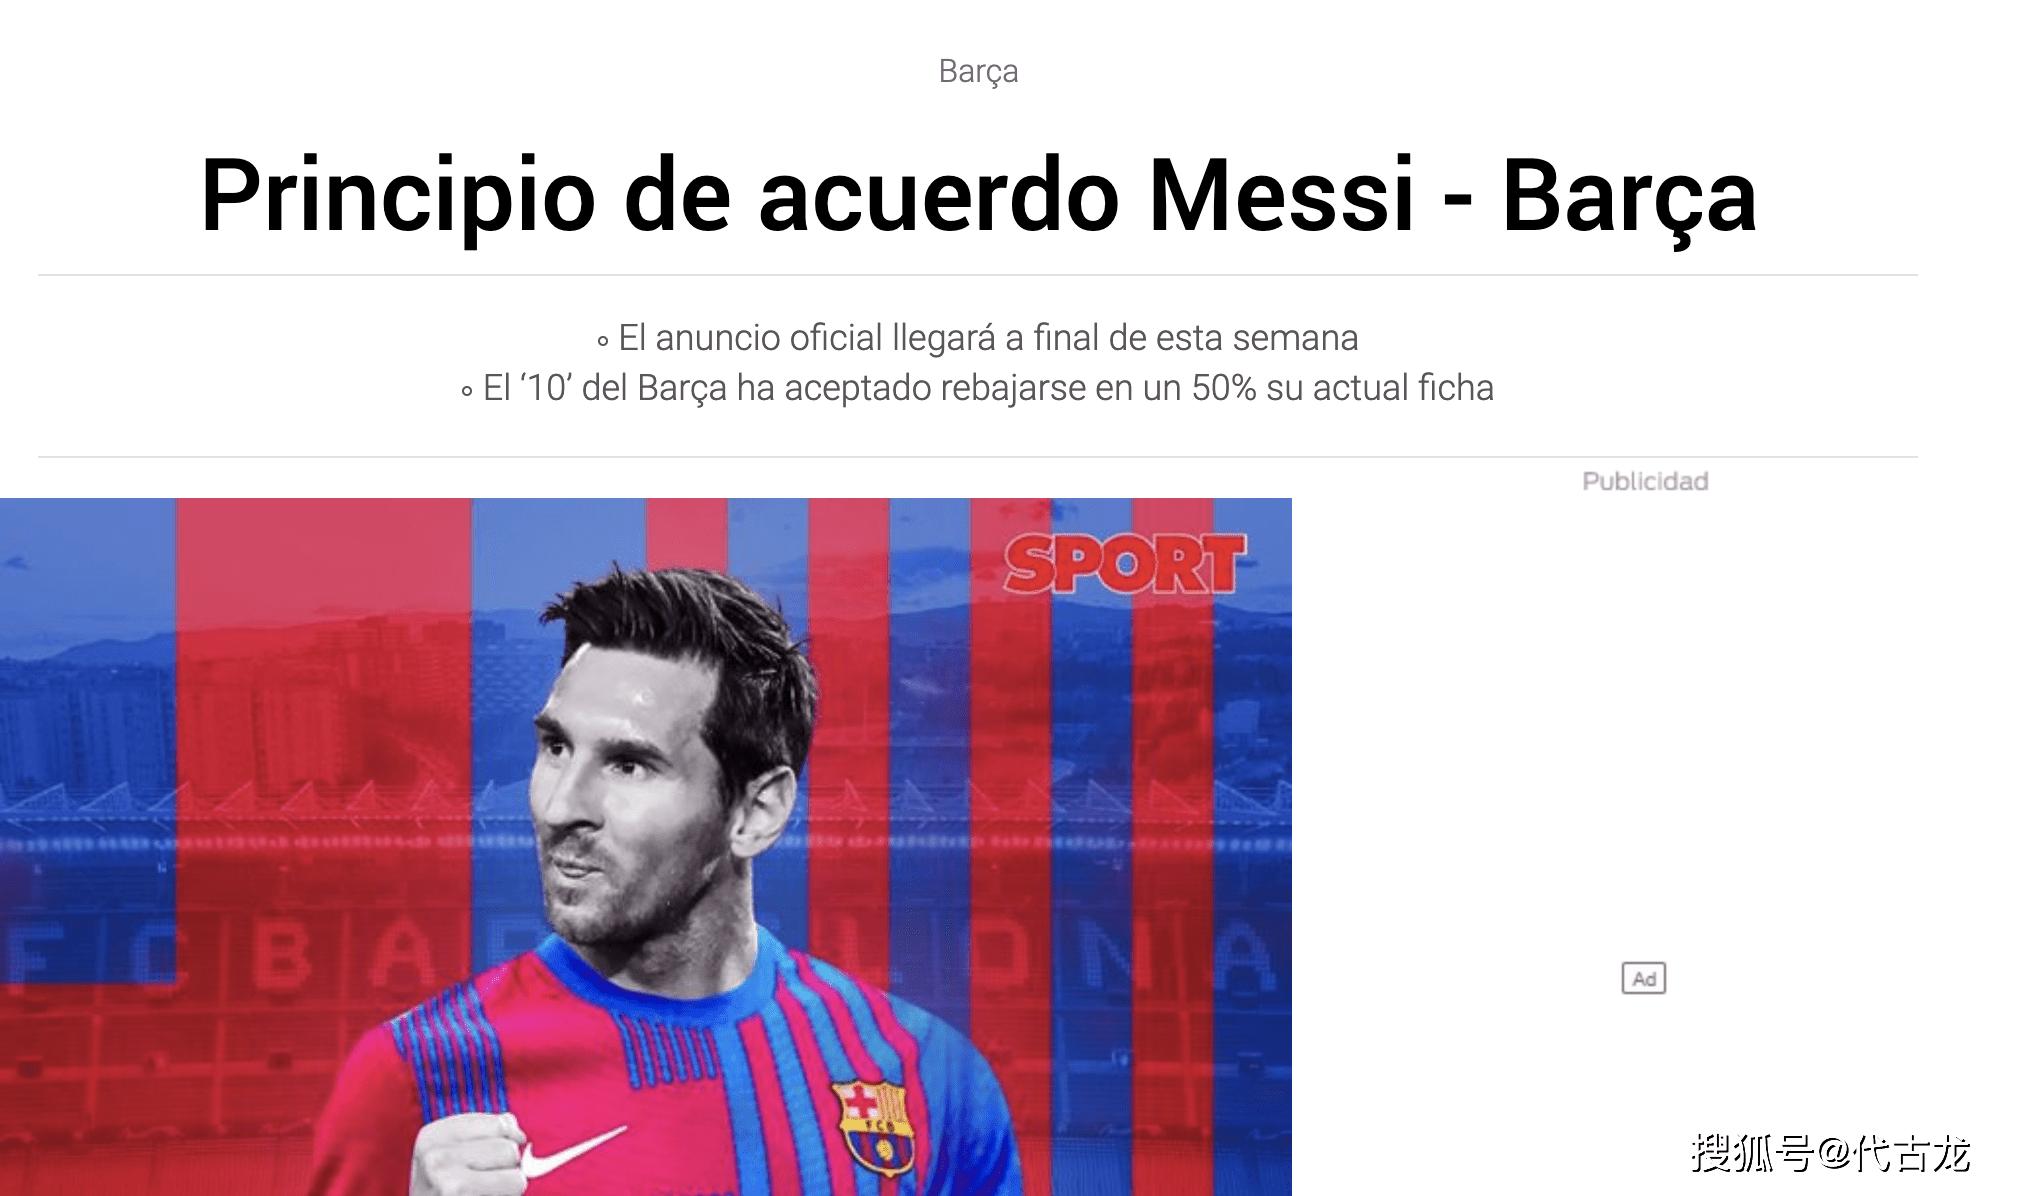 下岗再就业!梅西将跟巴萨续约5年,降薪50%,直接踢到退役?_休闲棋牌平台